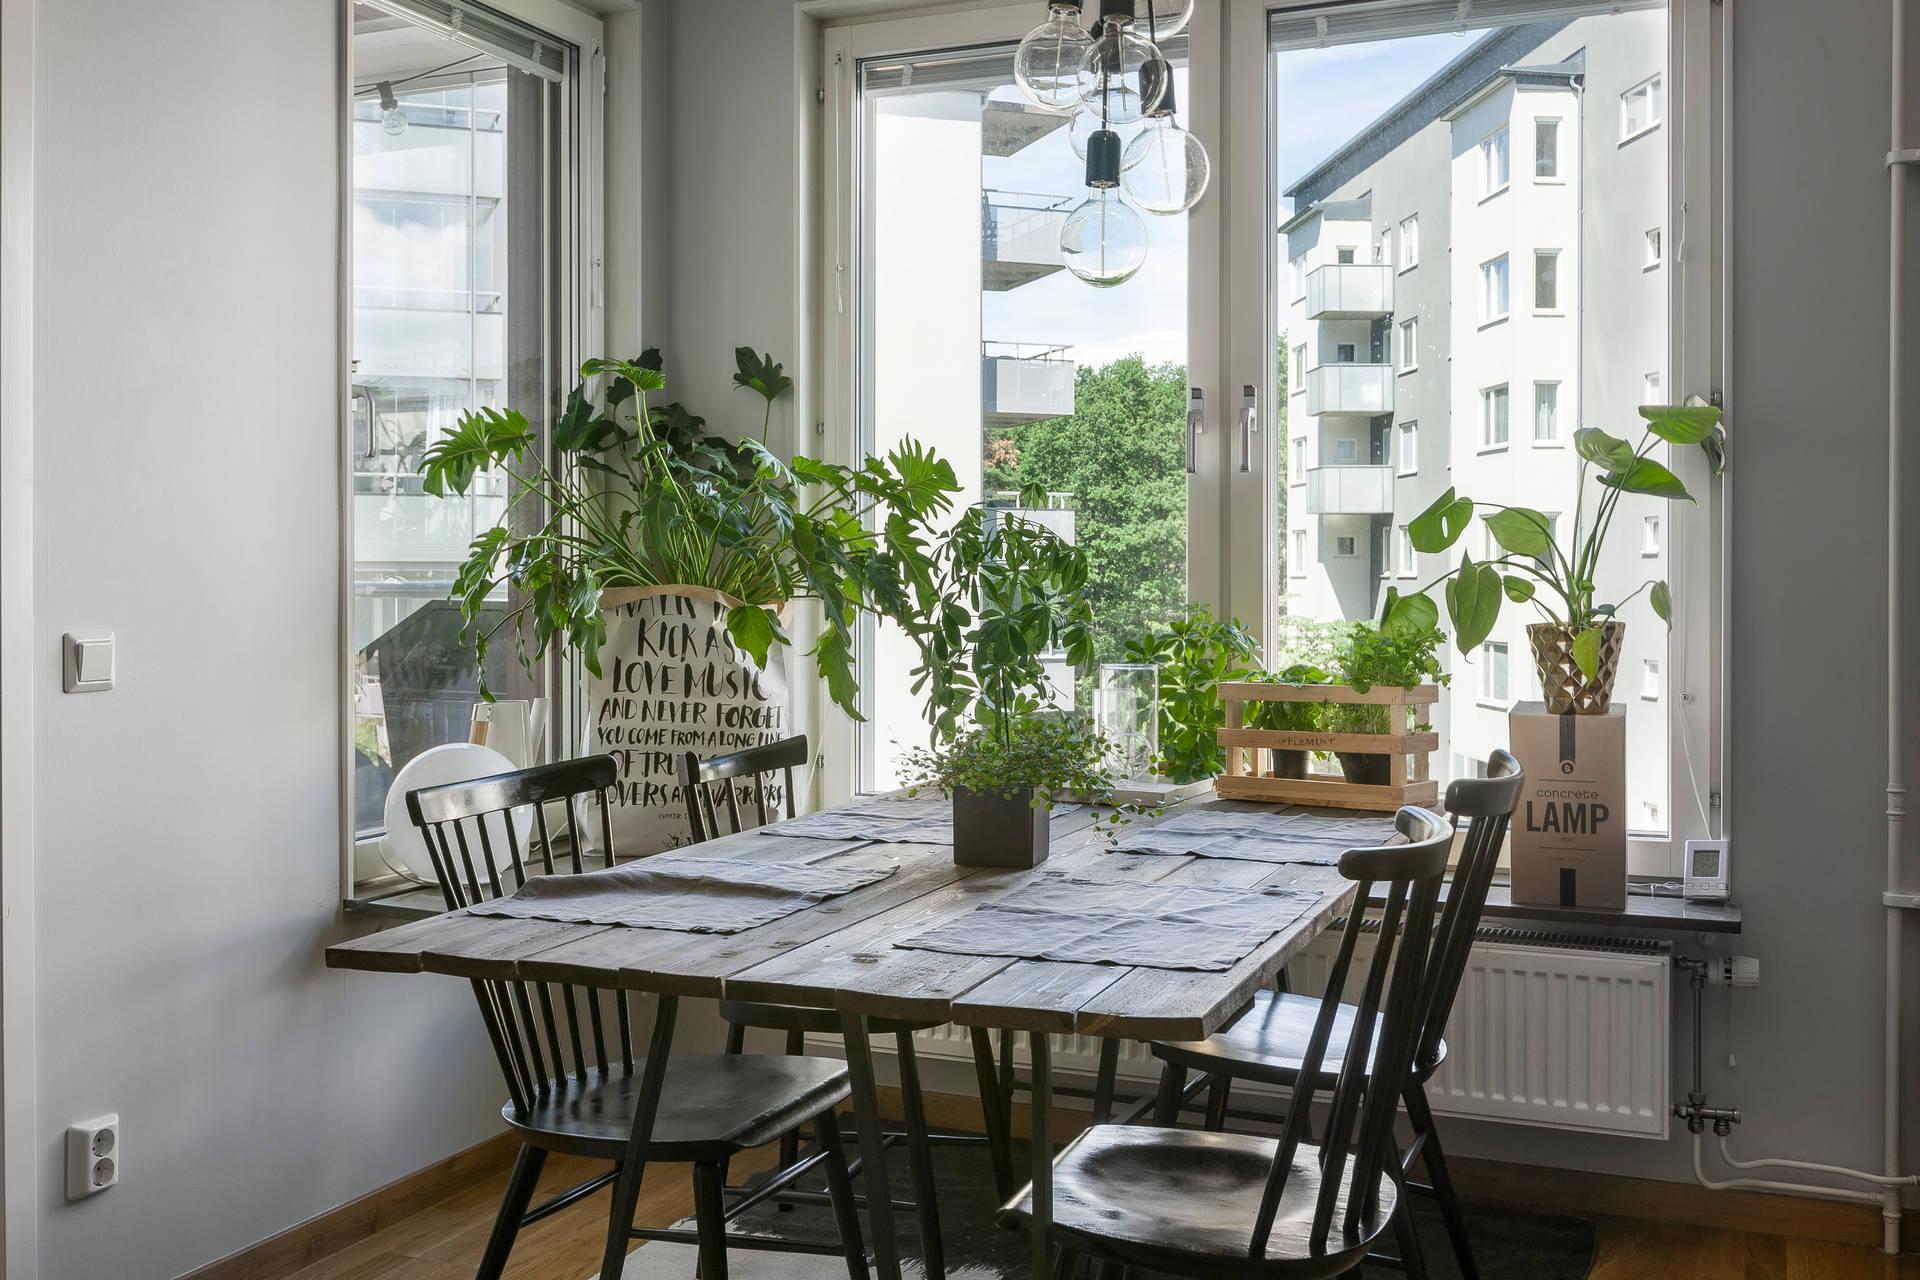 обеденный стол цветы окно подоконник